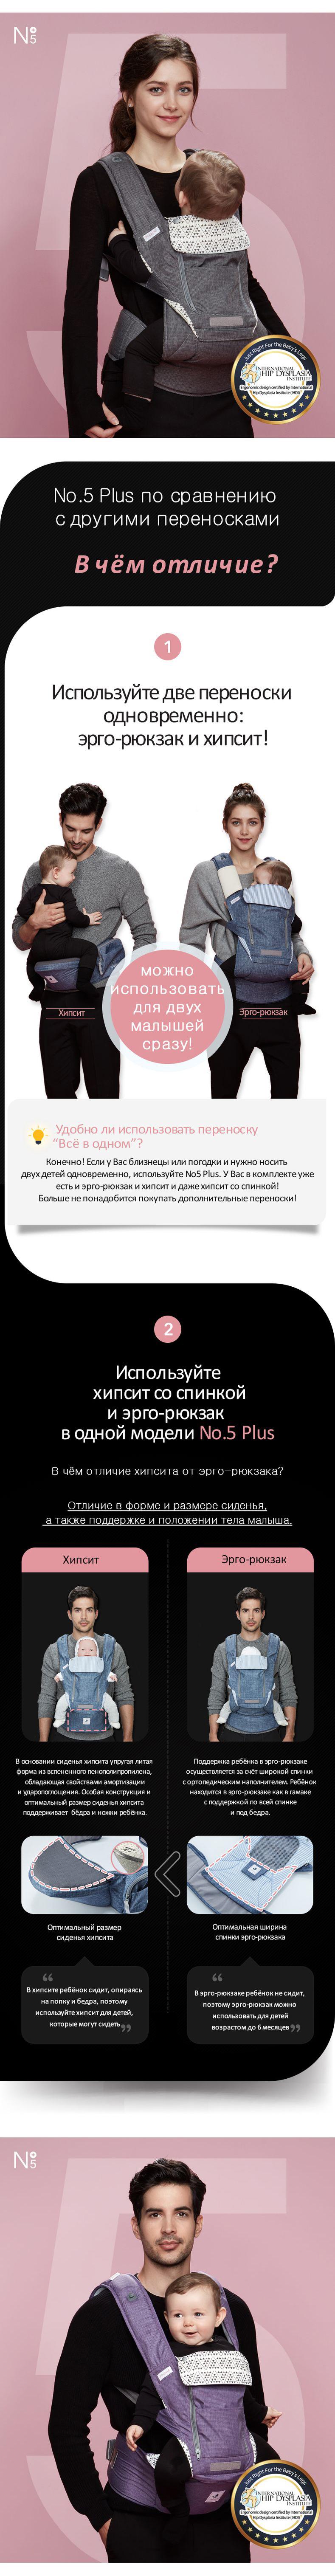 hipsit-pognae-No5-plus_4.jpg